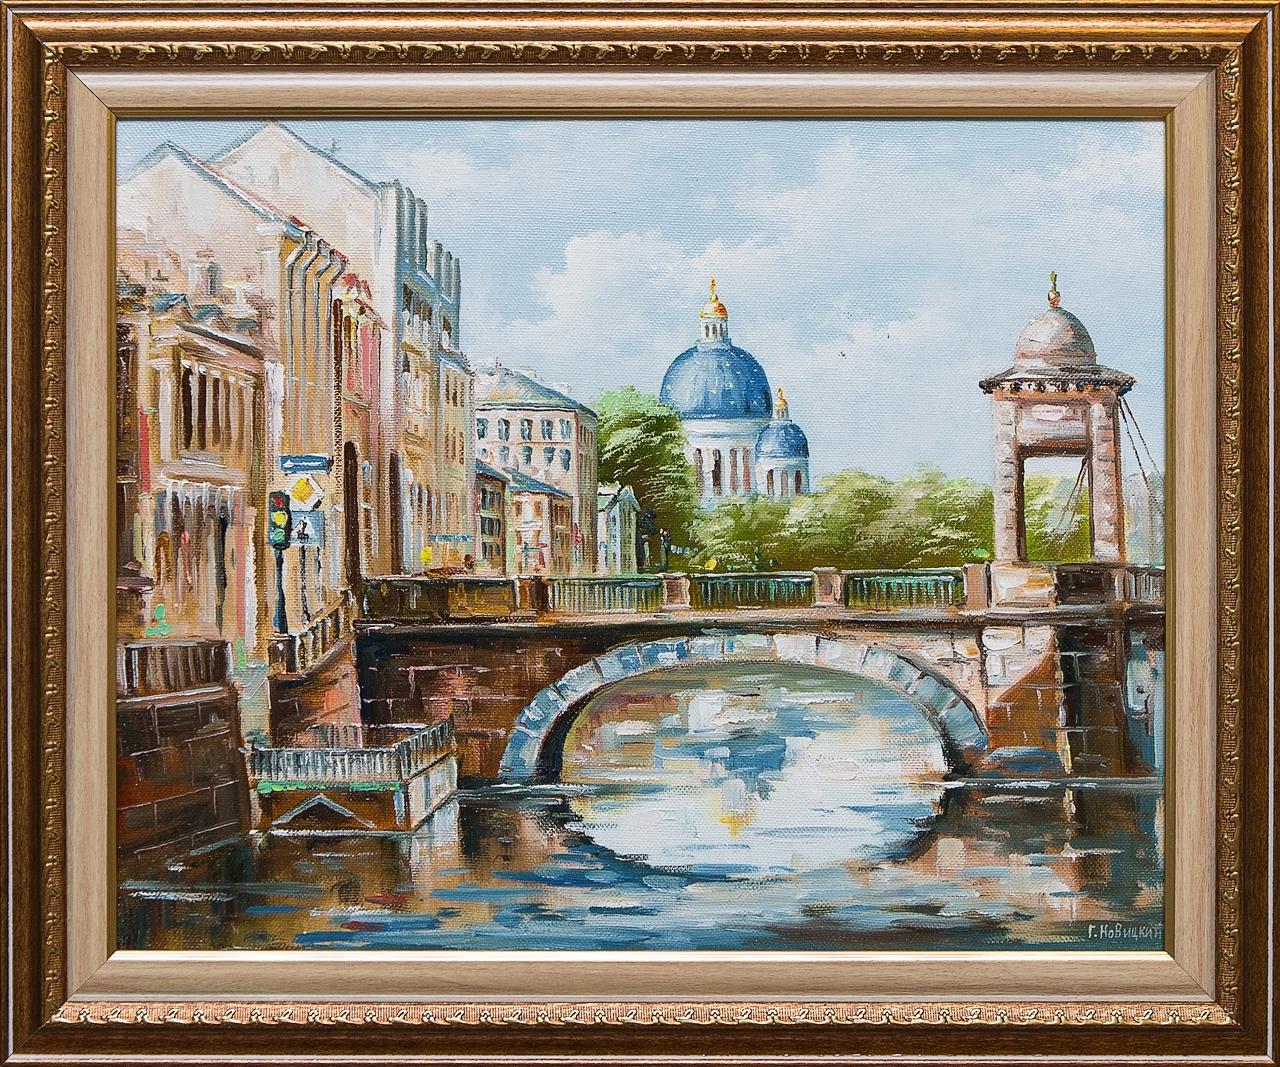 Картина маслом Вид на Троицкий собор Новицкий картина маслом вид на троицкий собор новицкий